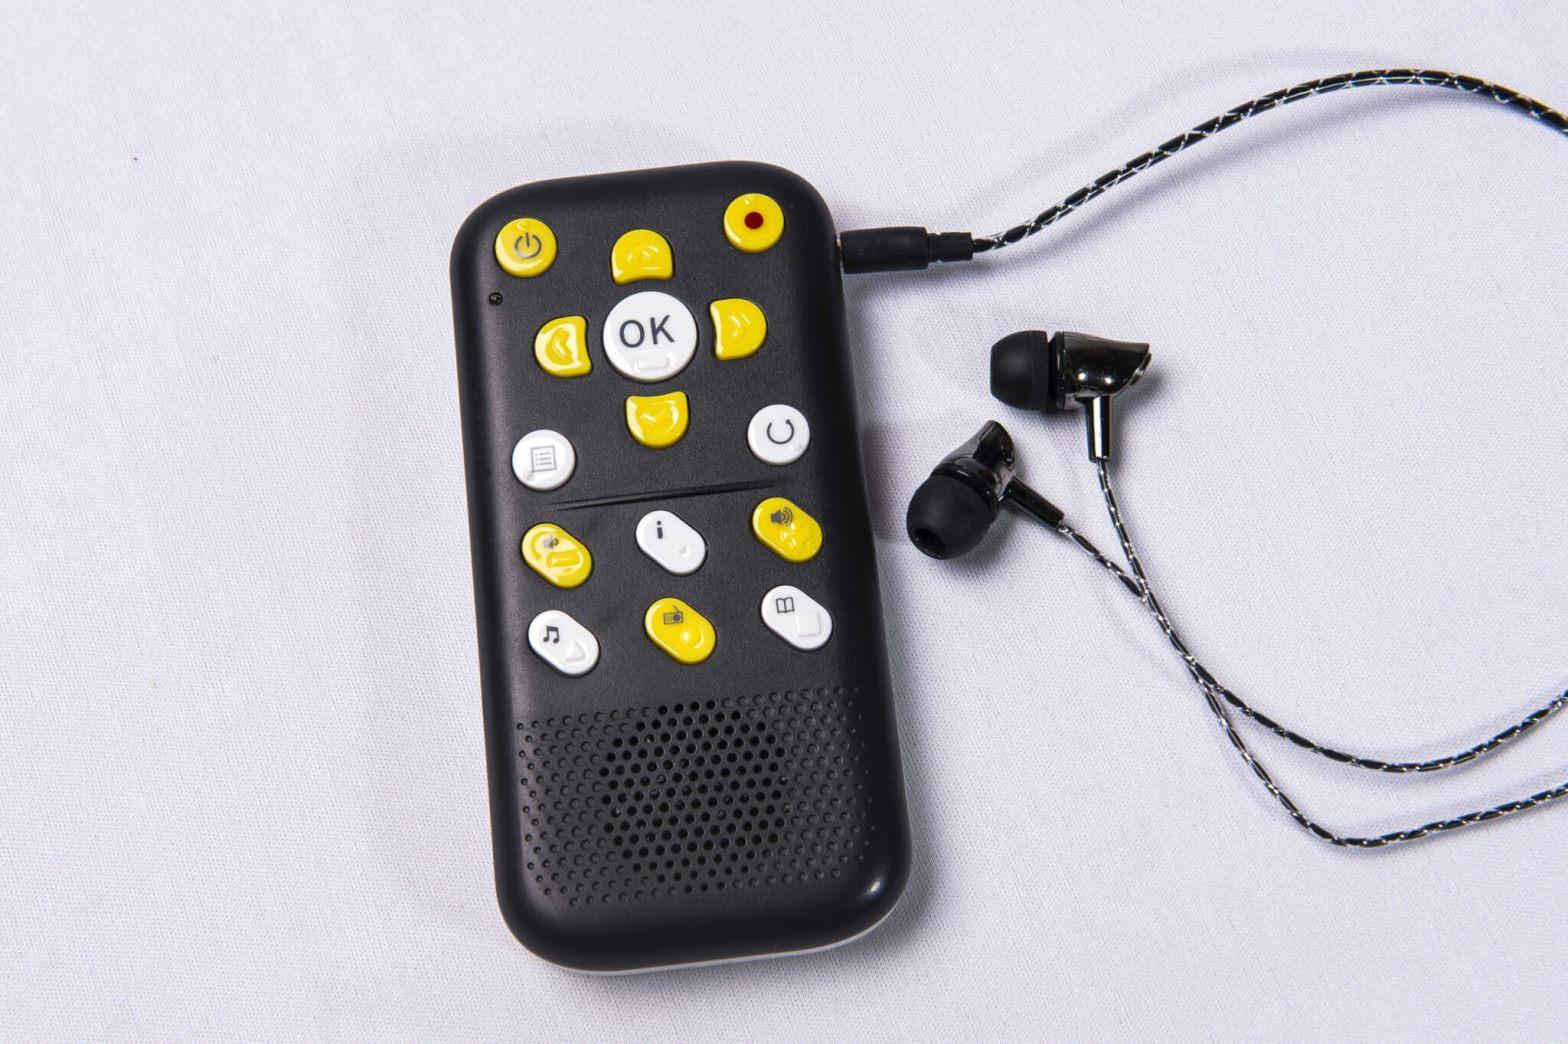 Foto de um leitor de livros digitais EVO E10 com um par de fones de ouvido conectados ao lado dele.